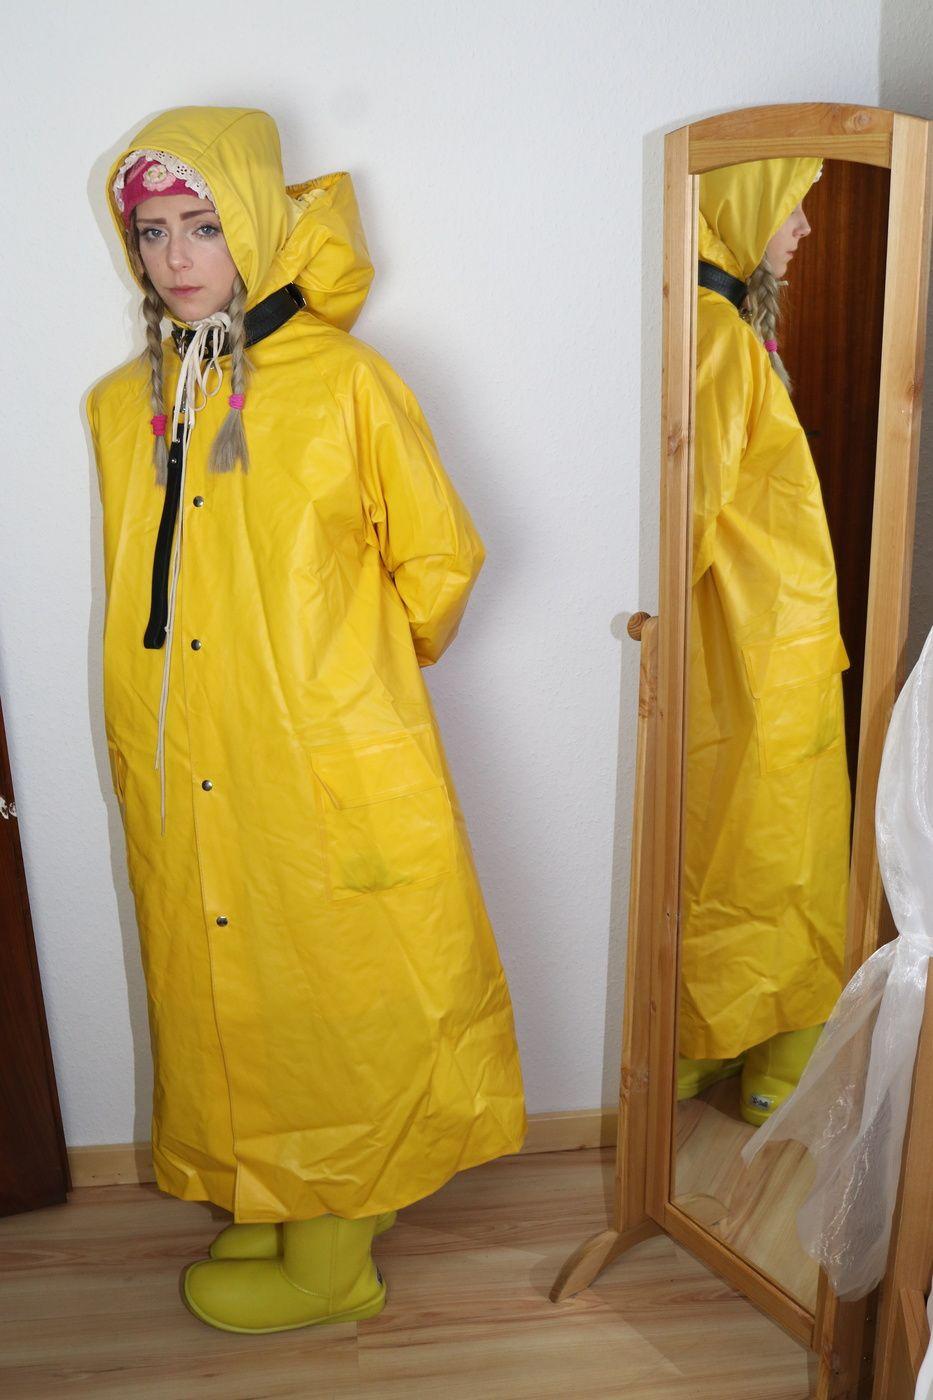 Pin von Mit Friesennerz und Lederhose auf Regenmantel in 2019 | Pinterest |  Winter fashion outfits, Rain wear und Raincoat